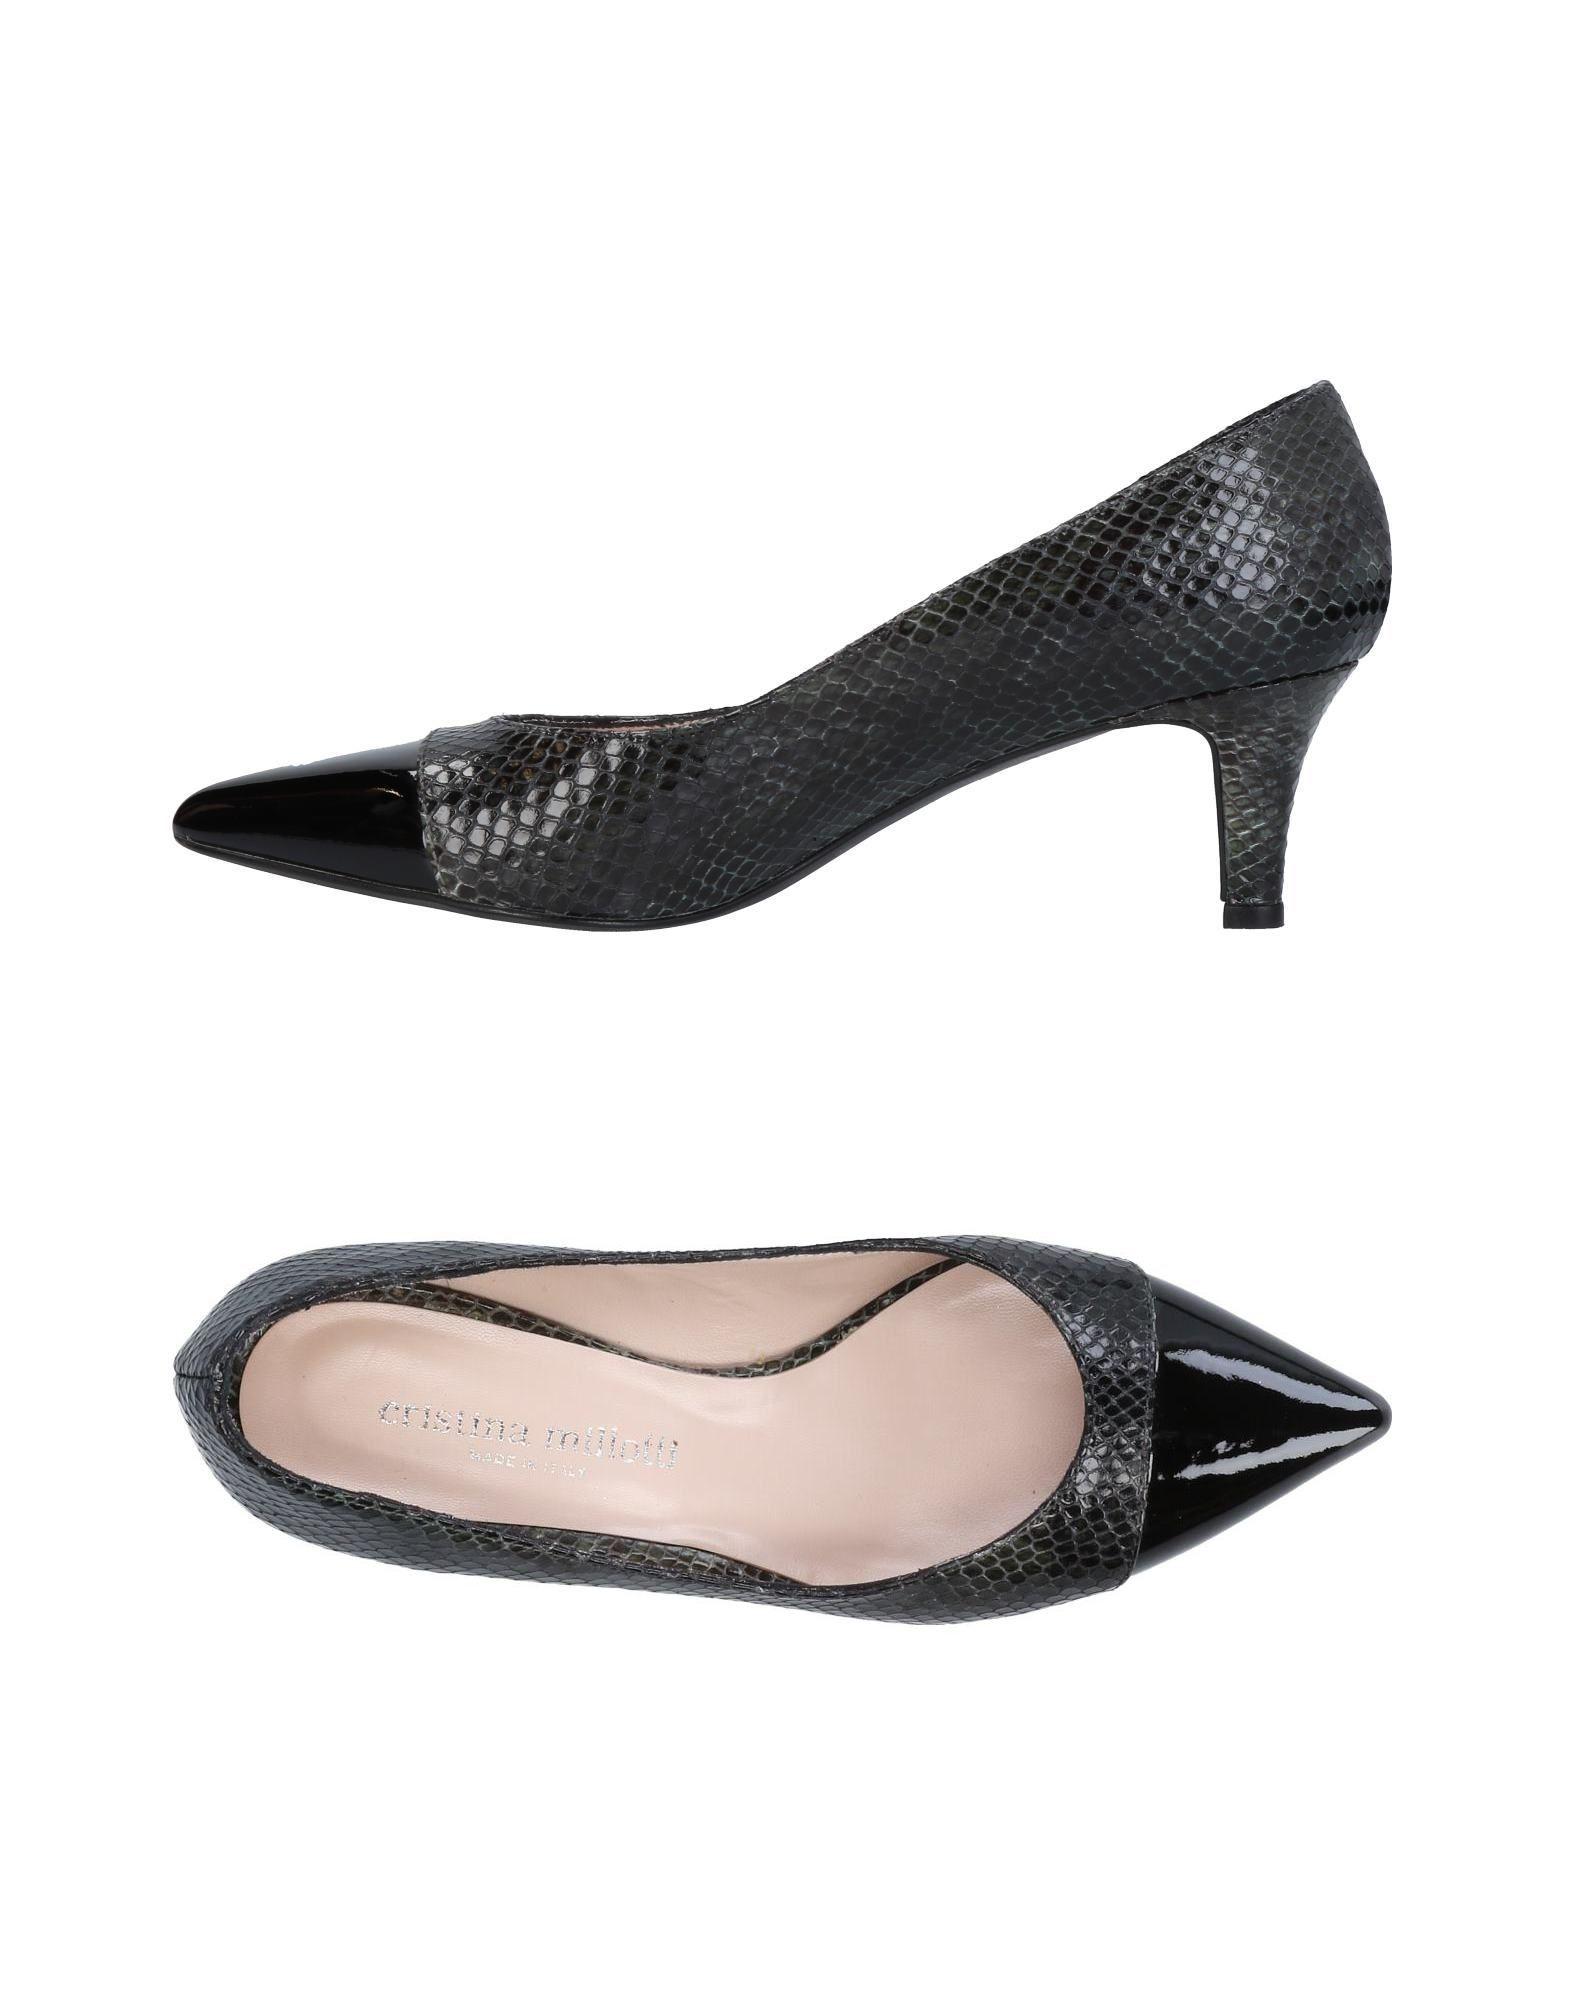 Los últimos zapatos de descuento para hombres y mujeres Cristina Zapato De Salón Cristina mujeres Millotti Mujer - Salones Cristina Millotti  Verde oscuro f41ed4